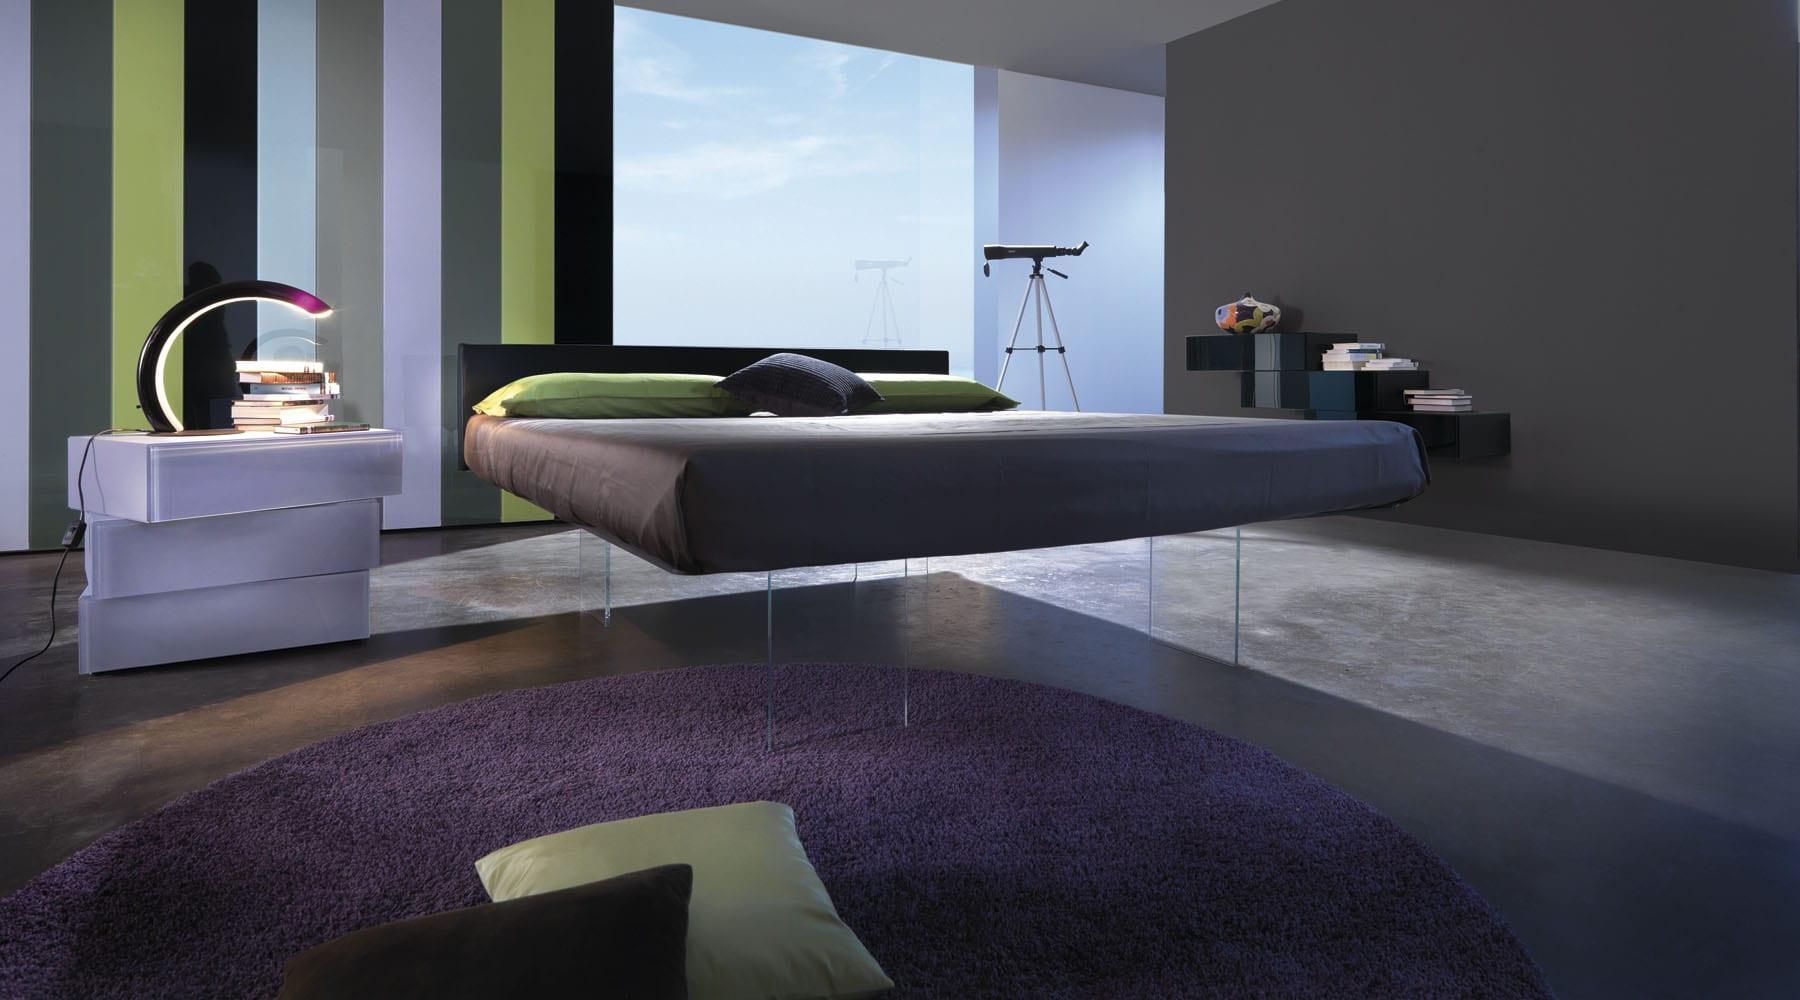 schlafzimmer idee für schlafzimmergestaltung mit wandfarbe grau und rundem teppich in lila auf einem betonbelag